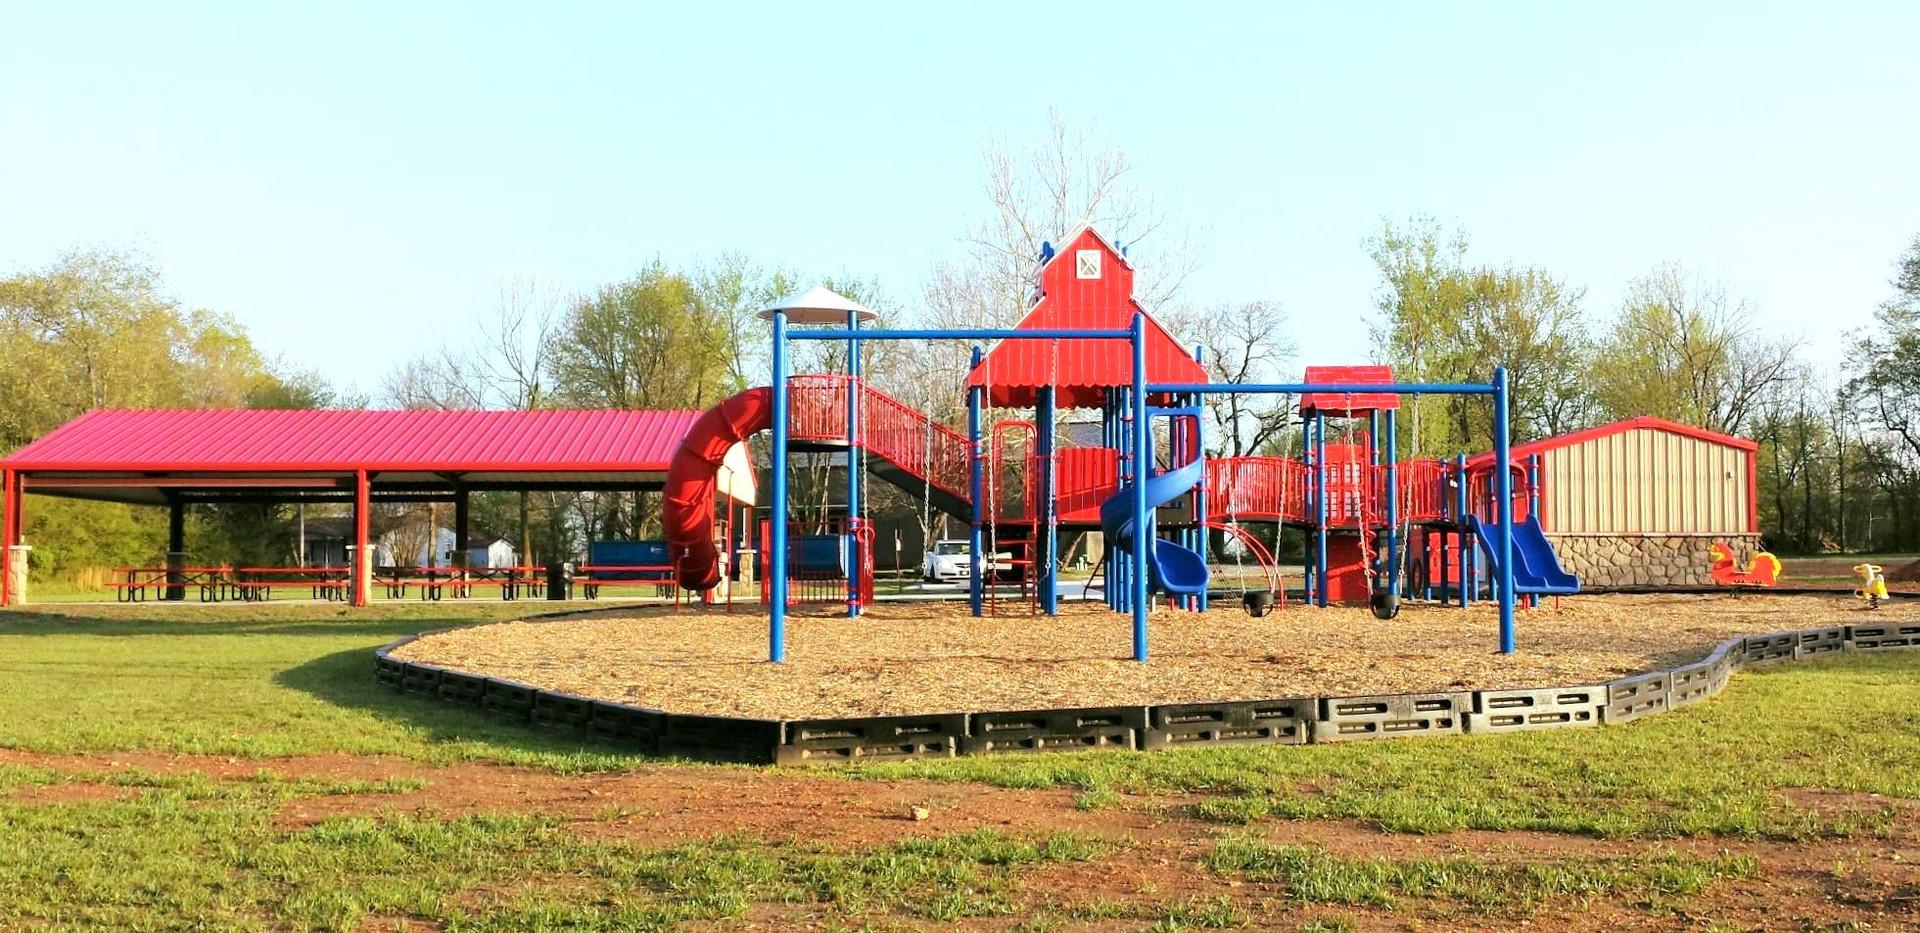 Hiwasse Park